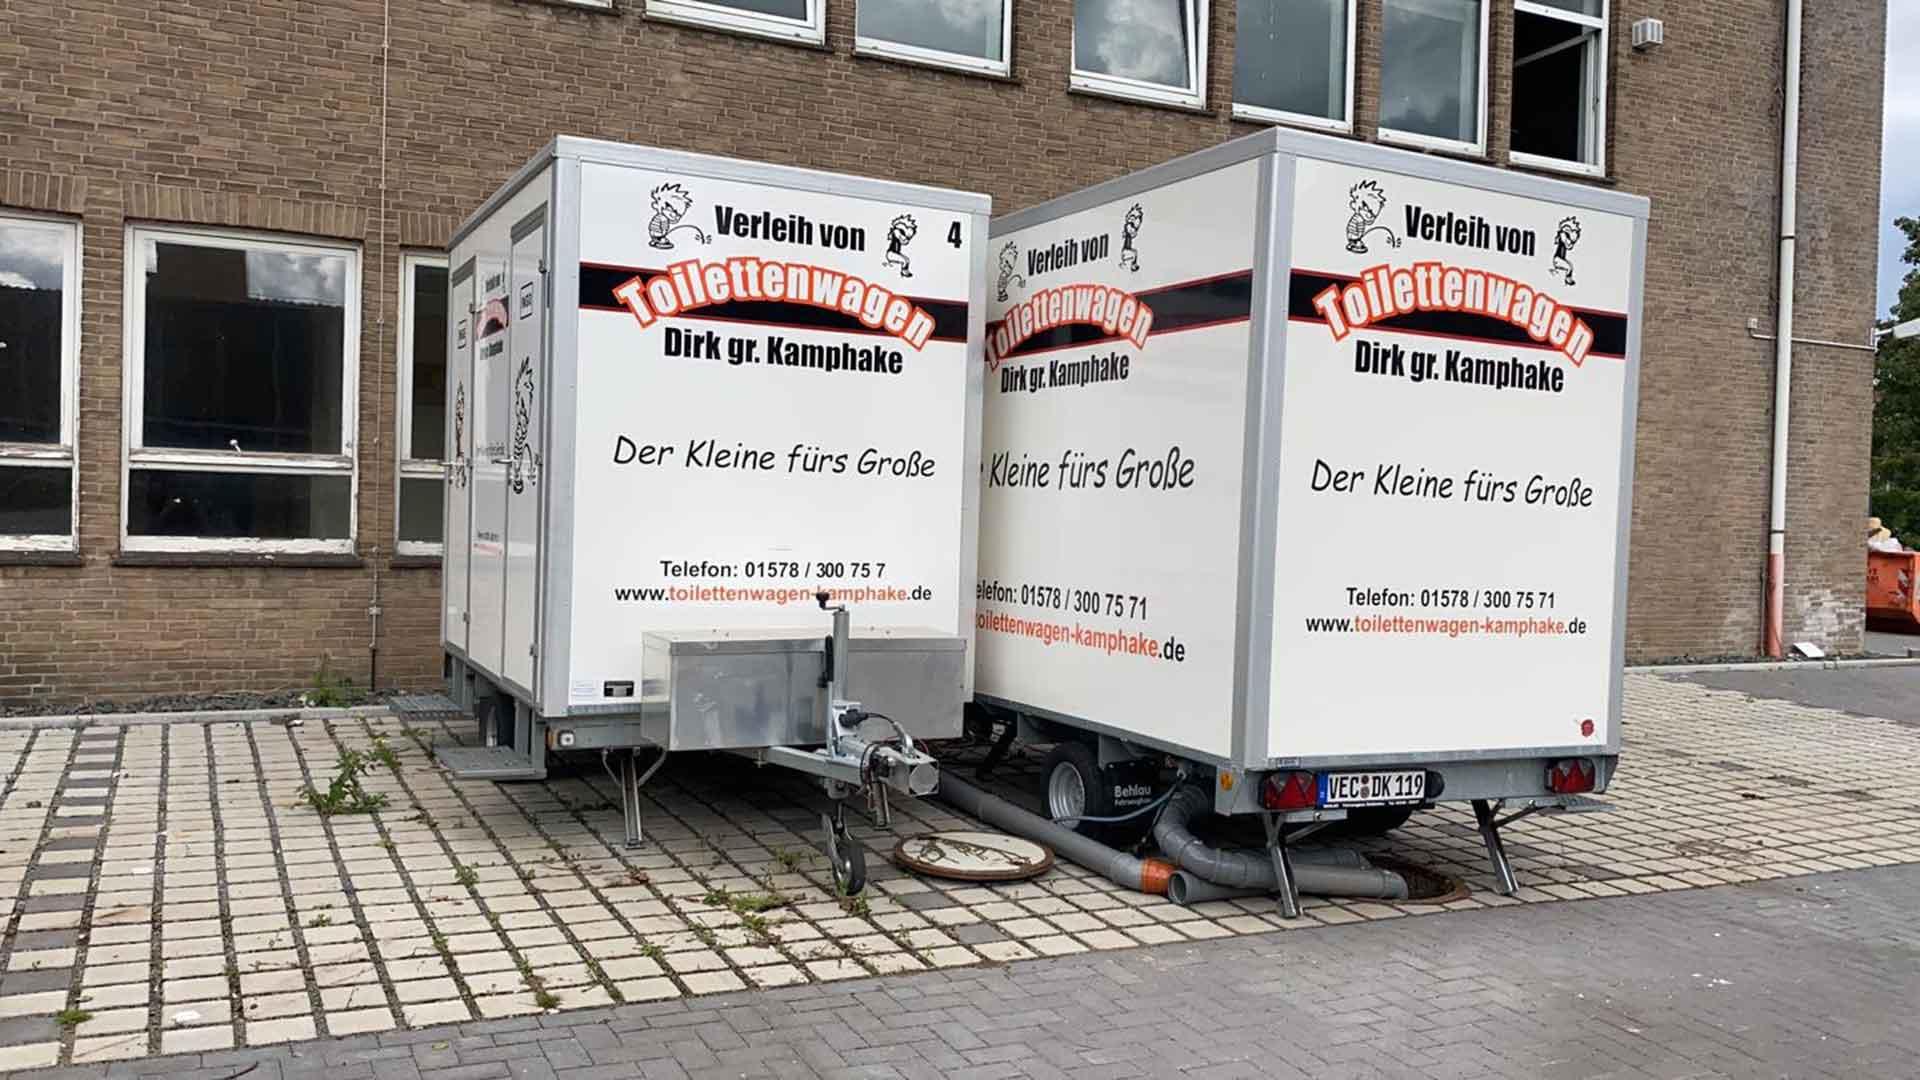 Baustellentoilette mieten im Einsatz, mehrere Toilettenwagen mieten